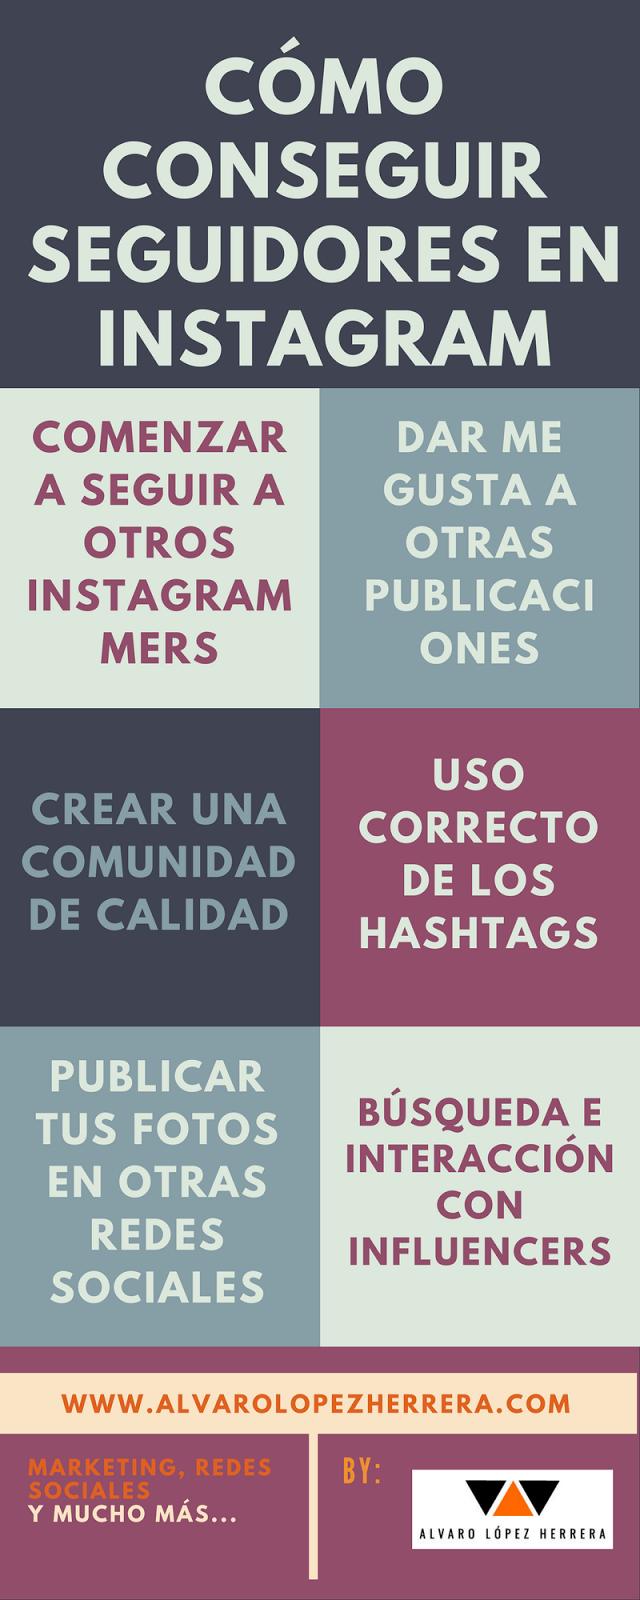 Guía Completa de Instagram para conquistar esta Red Social